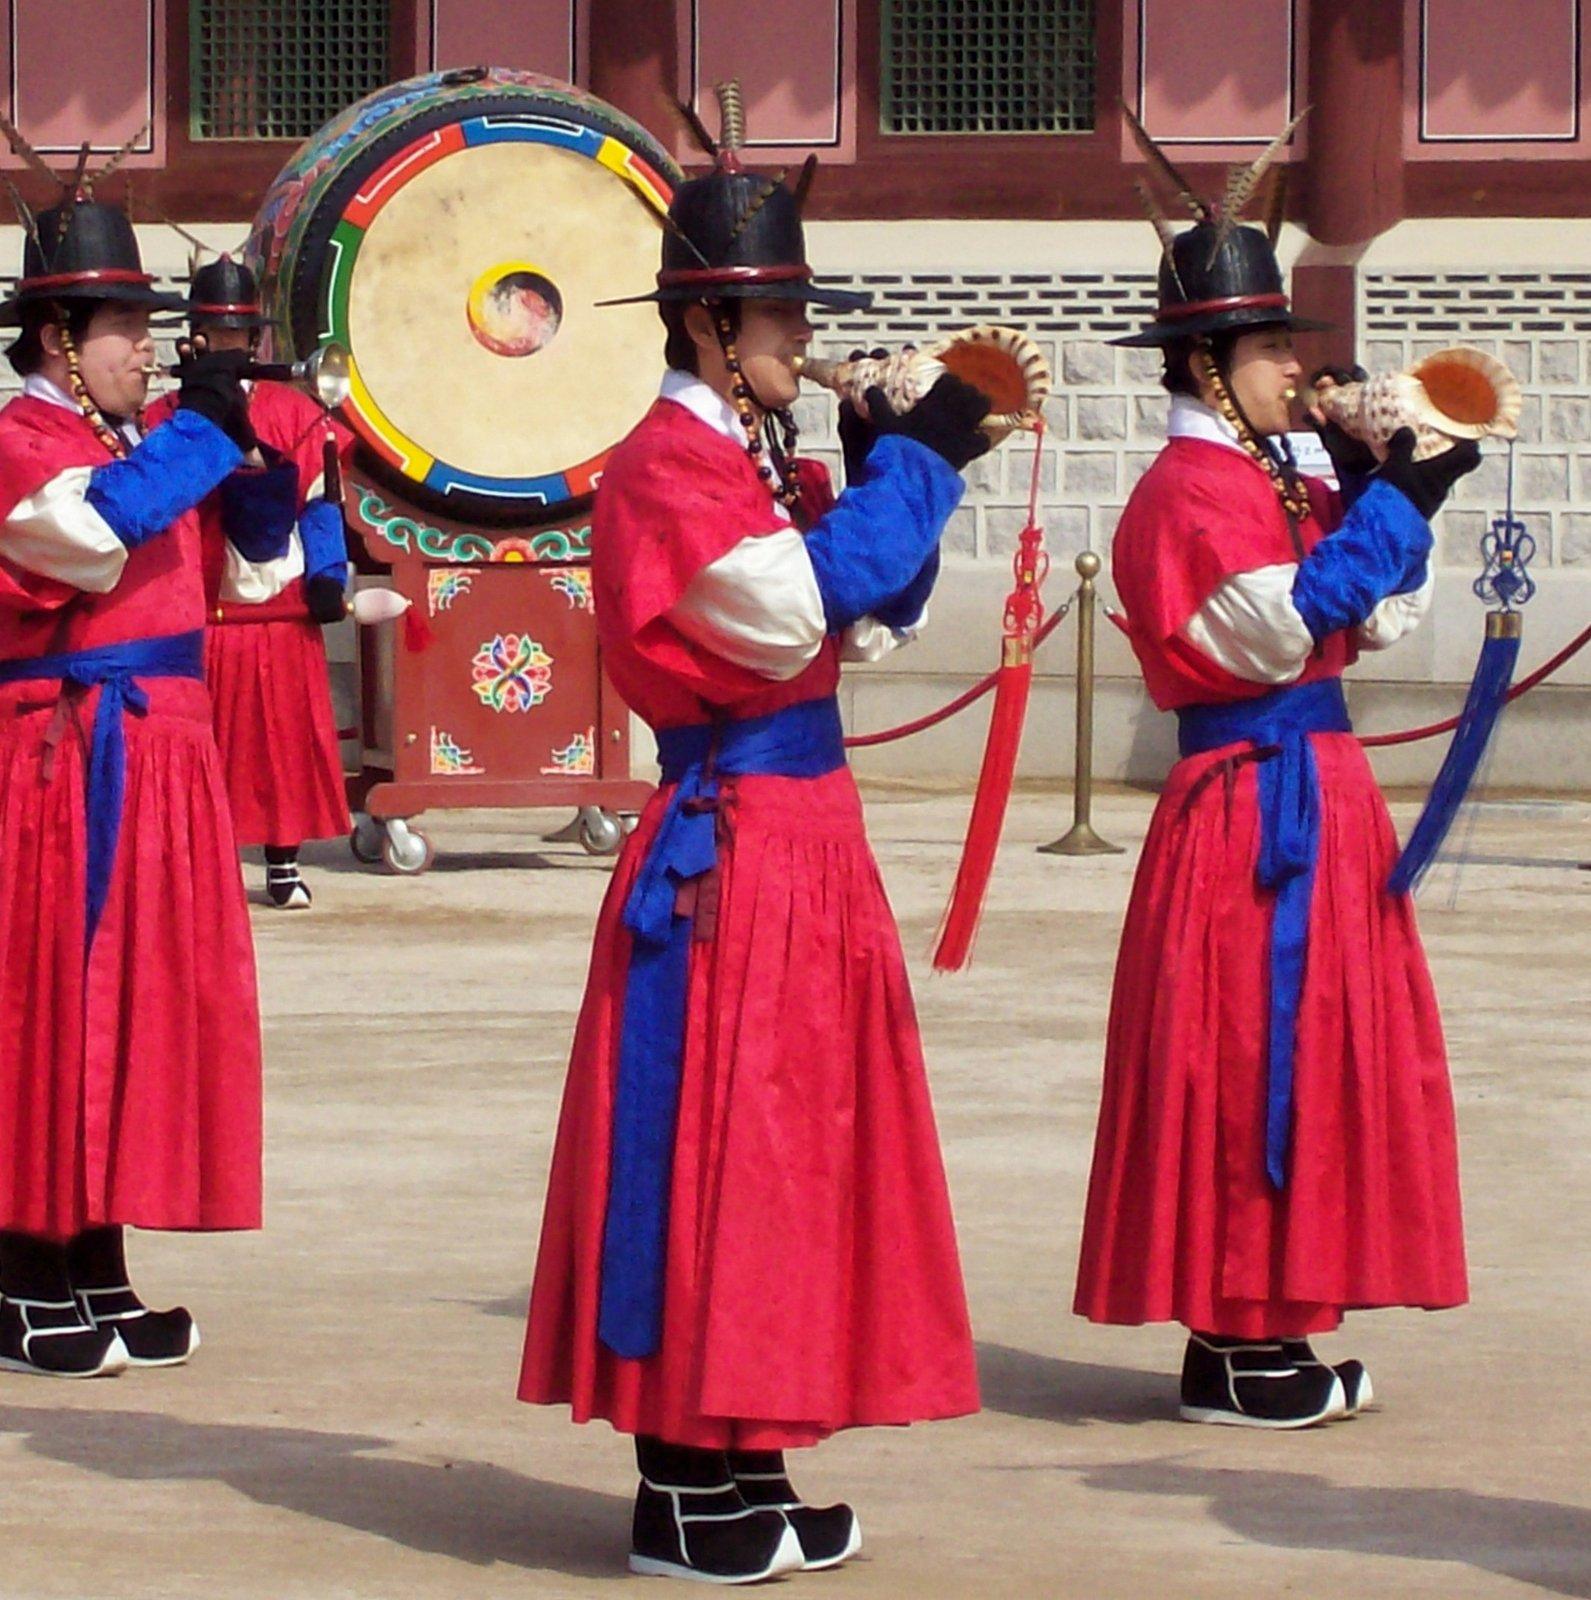 Wachwechsel im Gyeongbokgung Palast